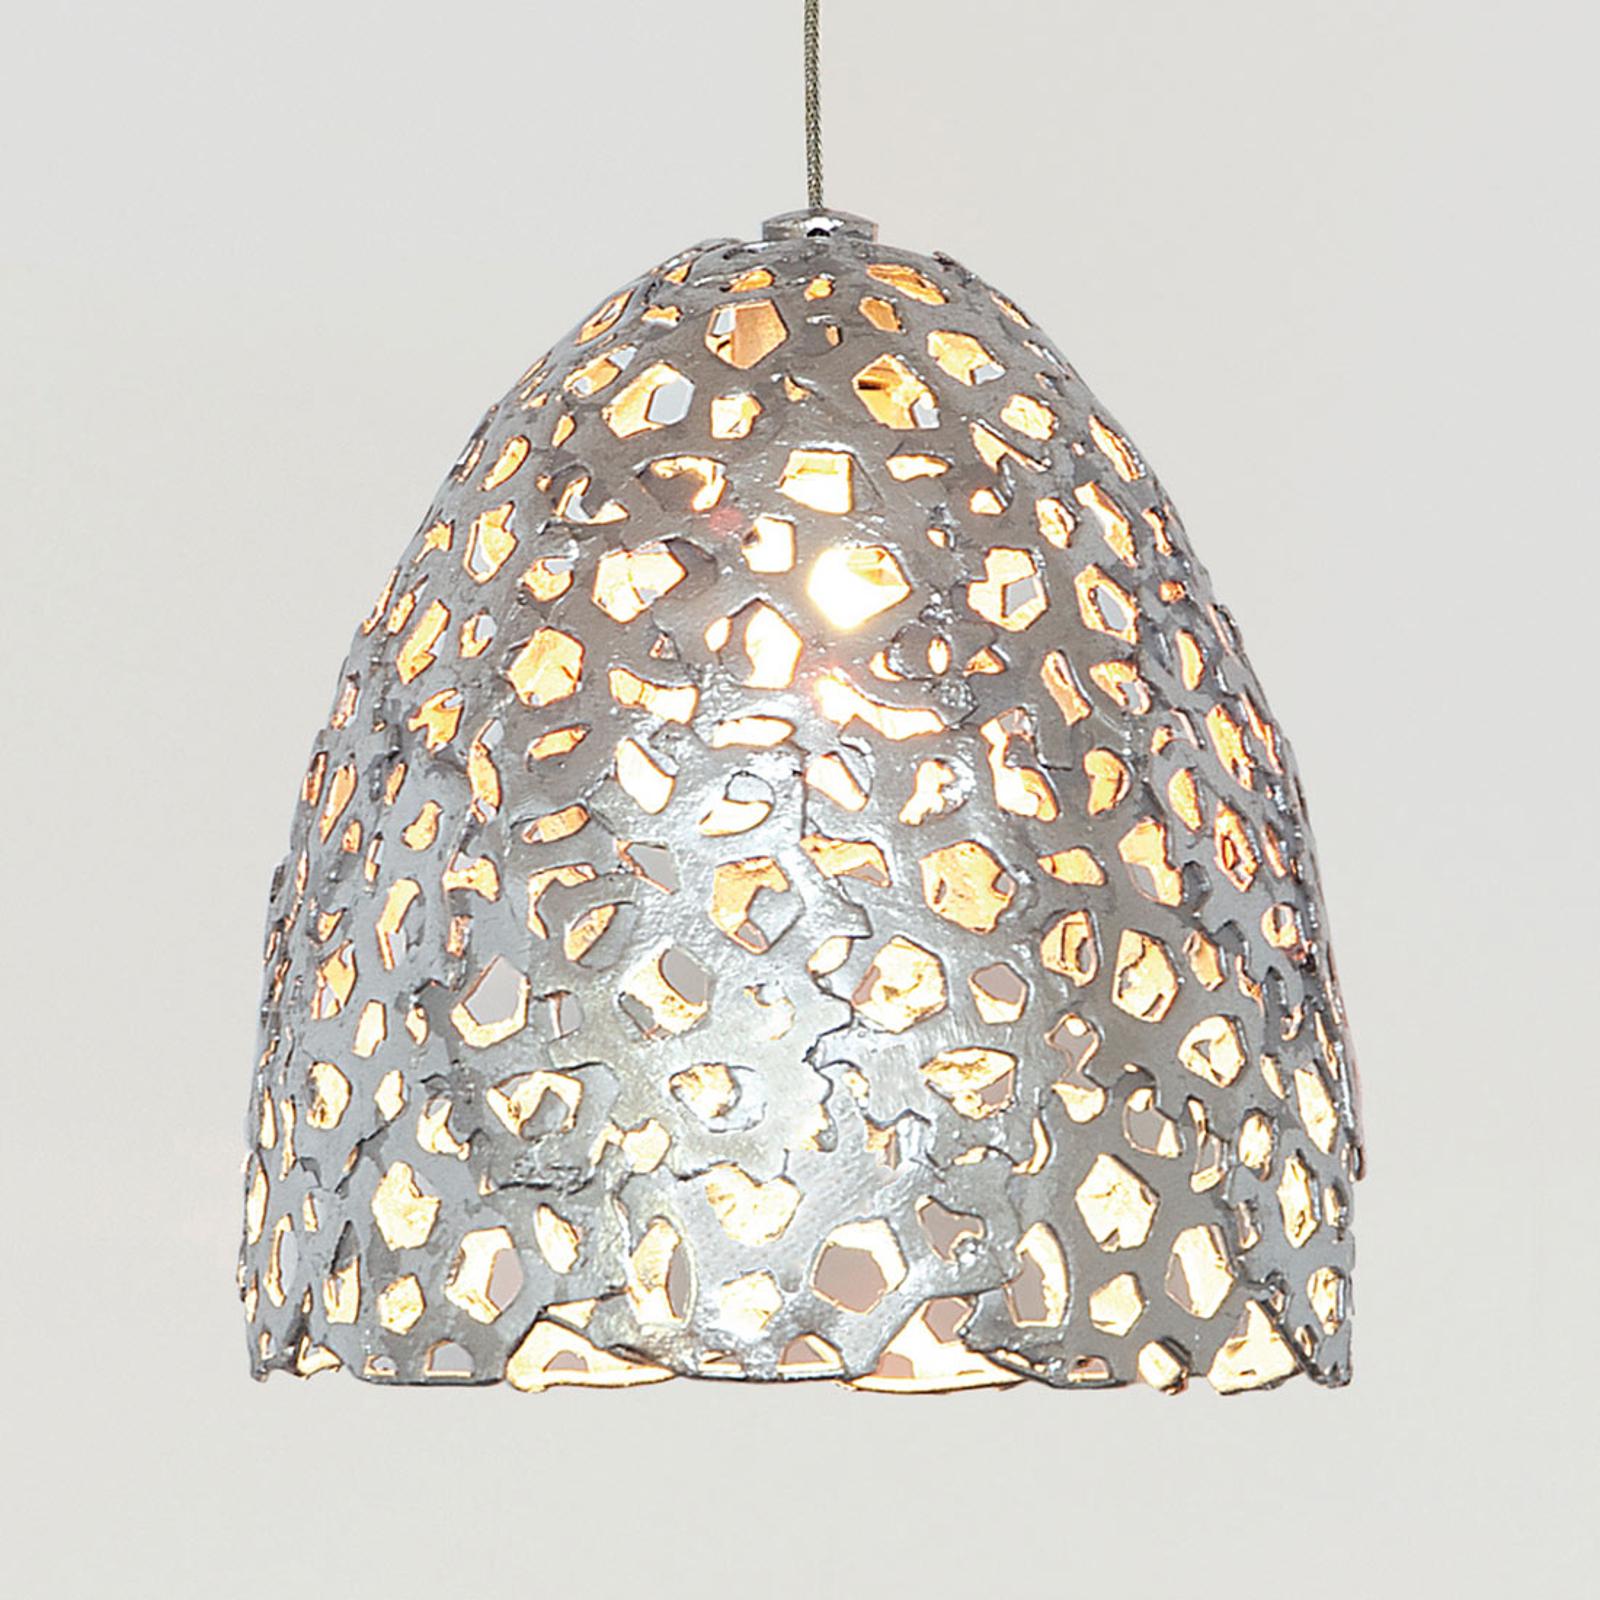 Lily Piccolo hængelampe, sølv